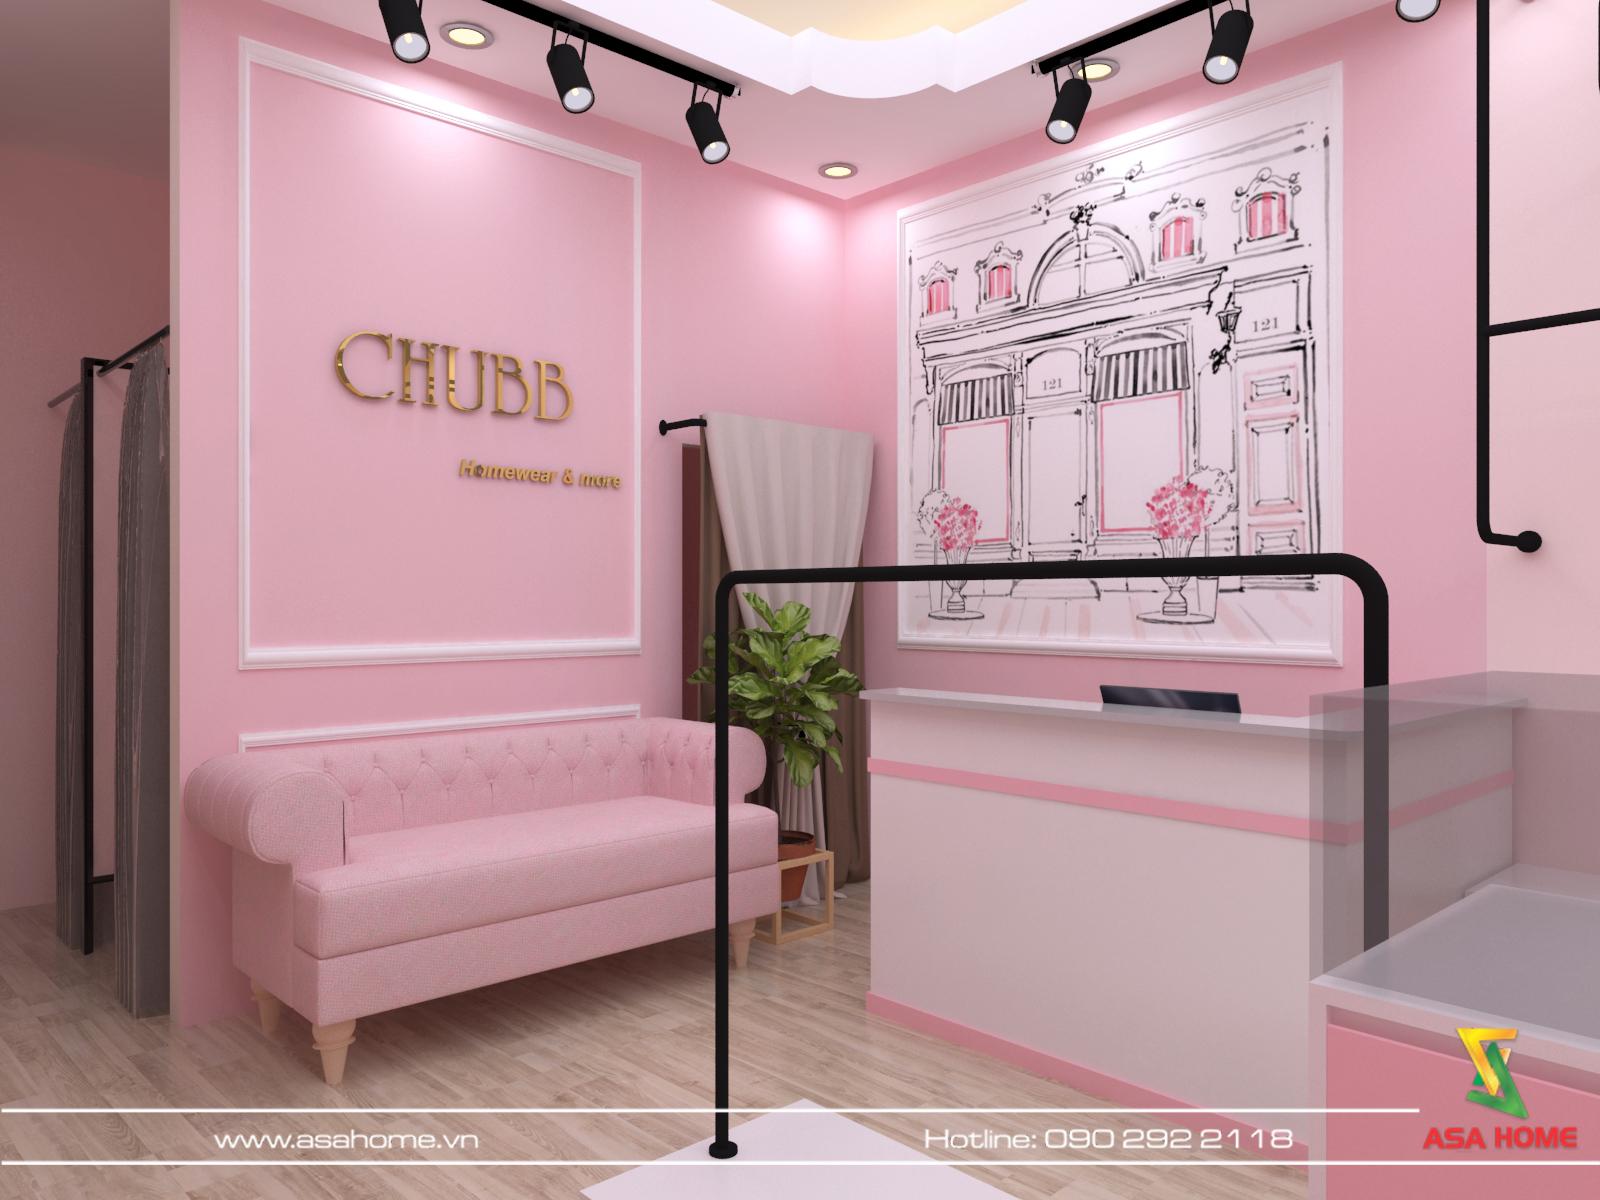 Shop thời trang CHUBB